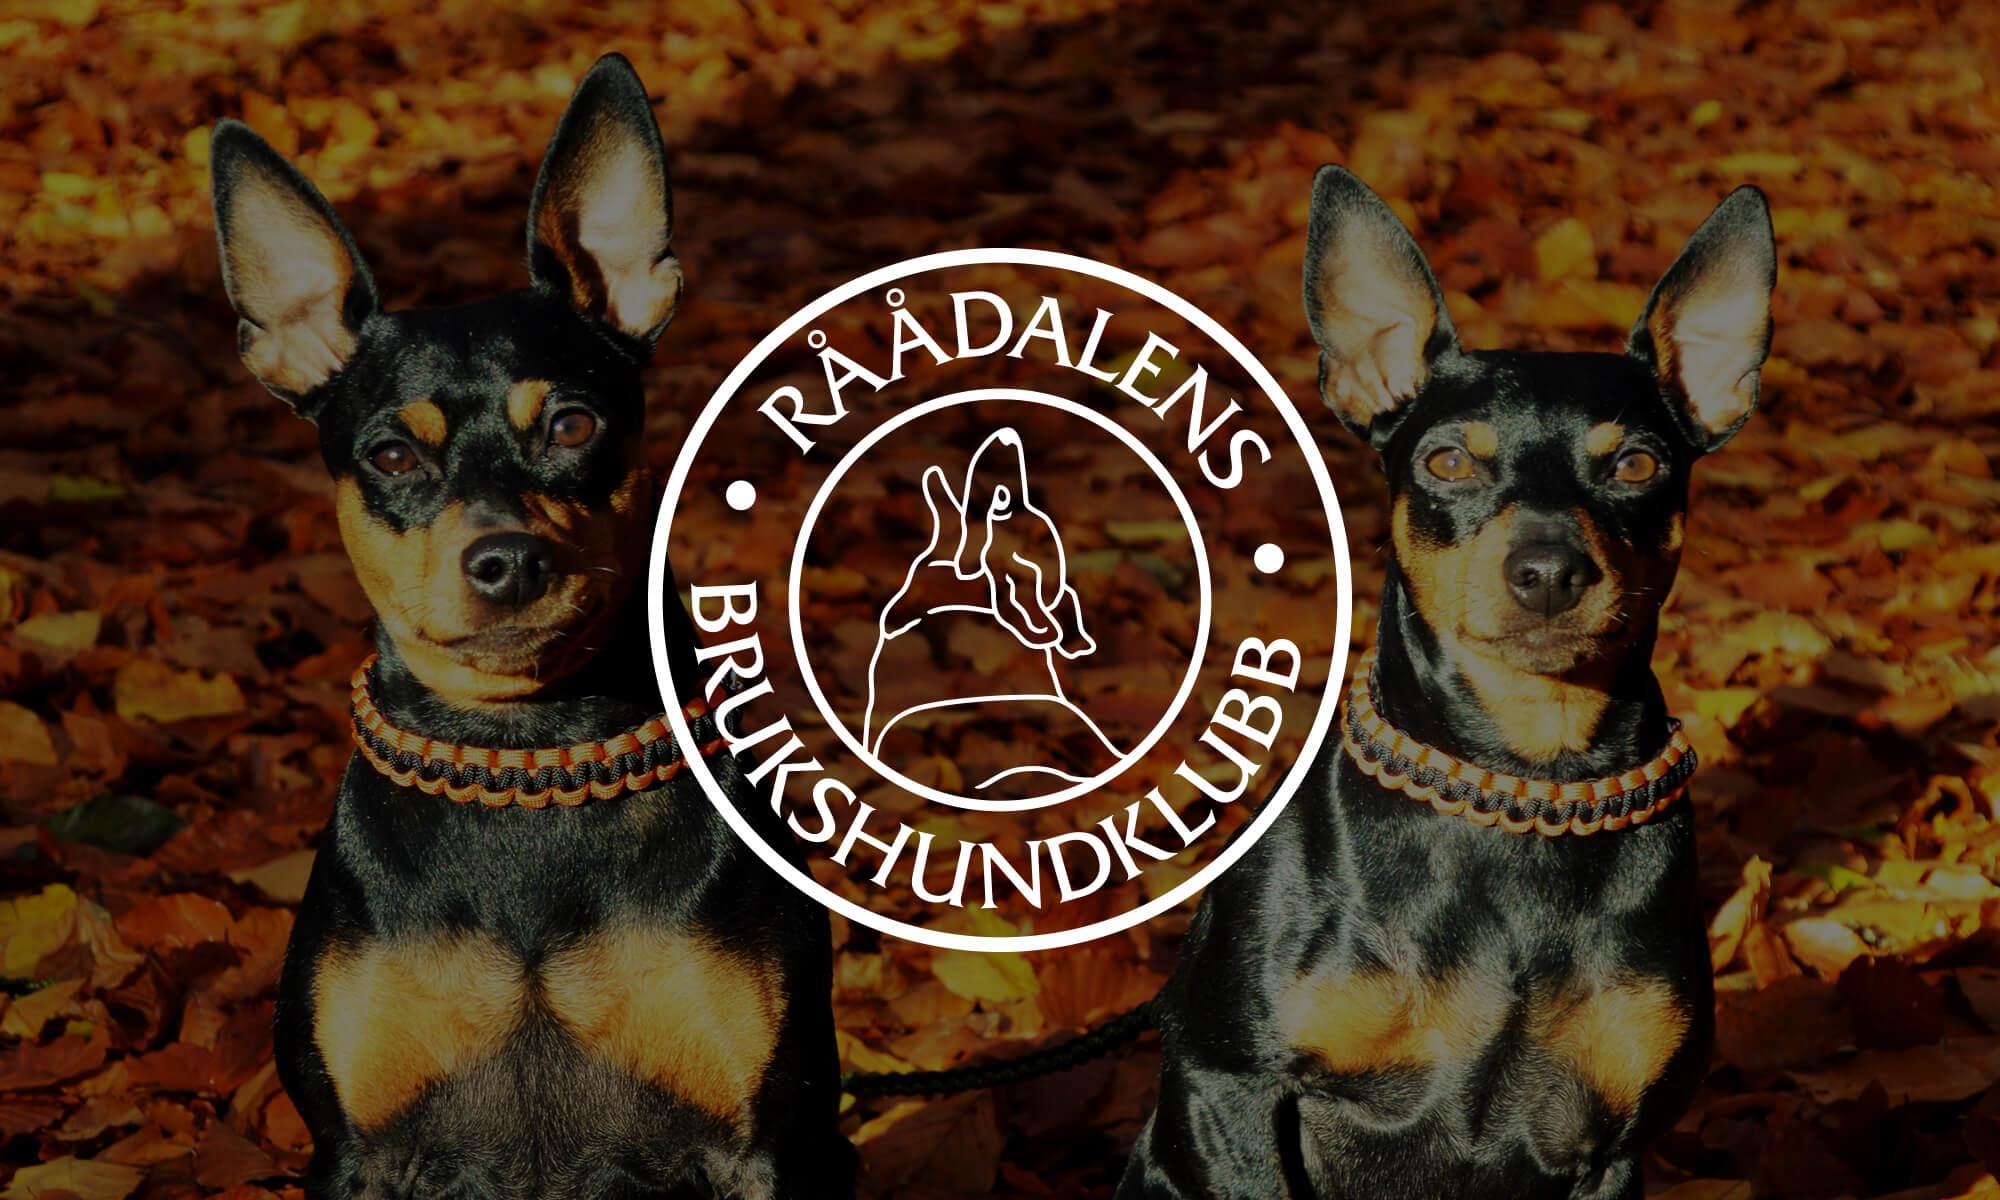 Råådalens Brukshundklubb